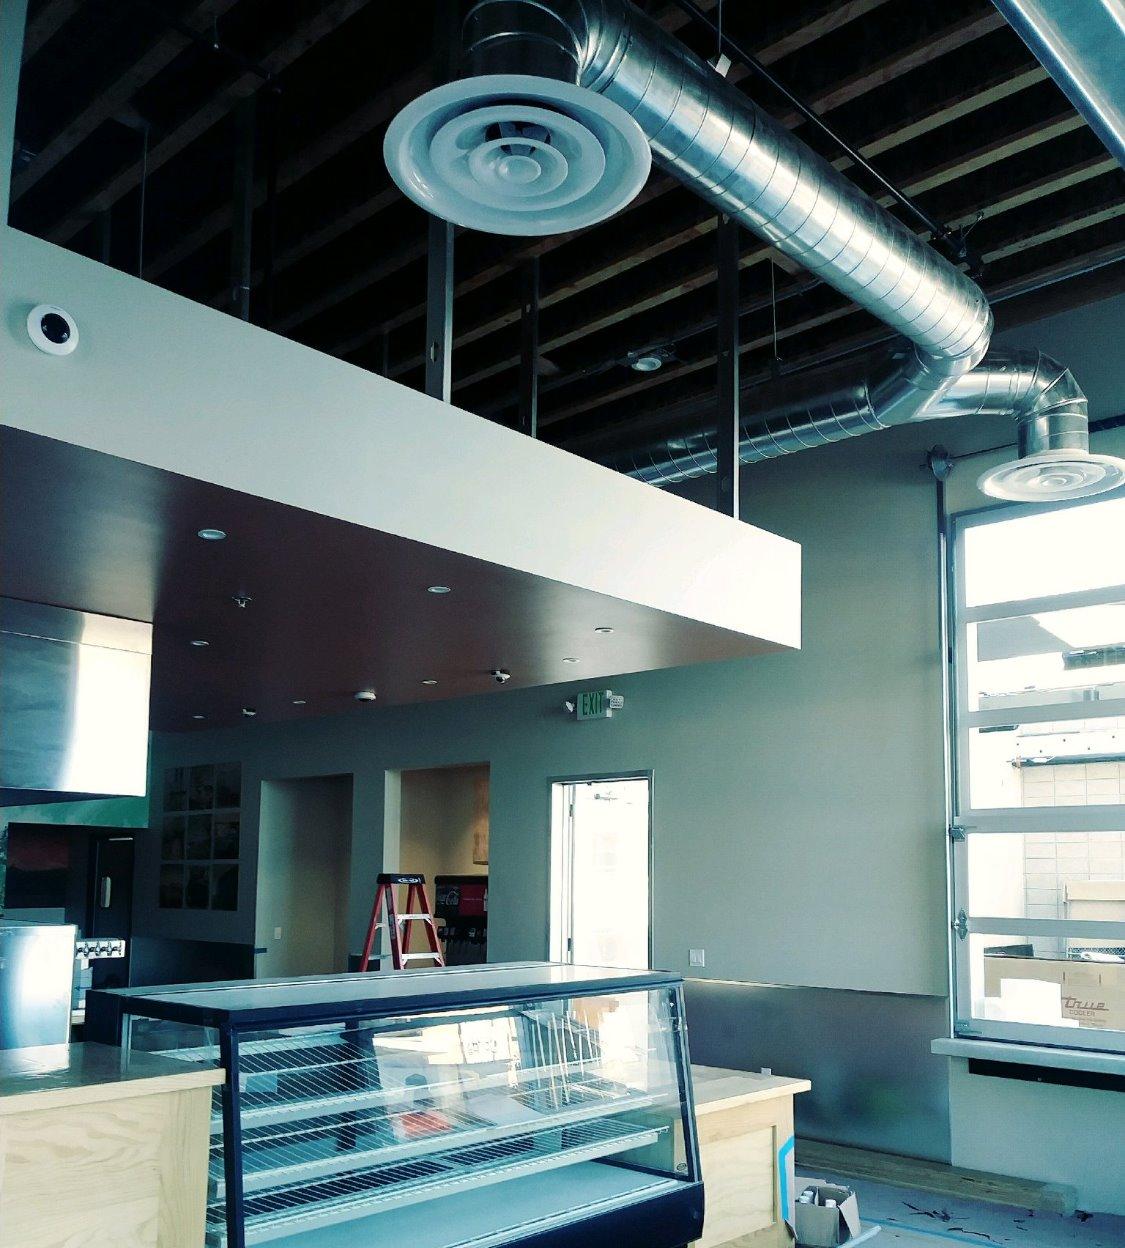 Restaurant Interior Ducting